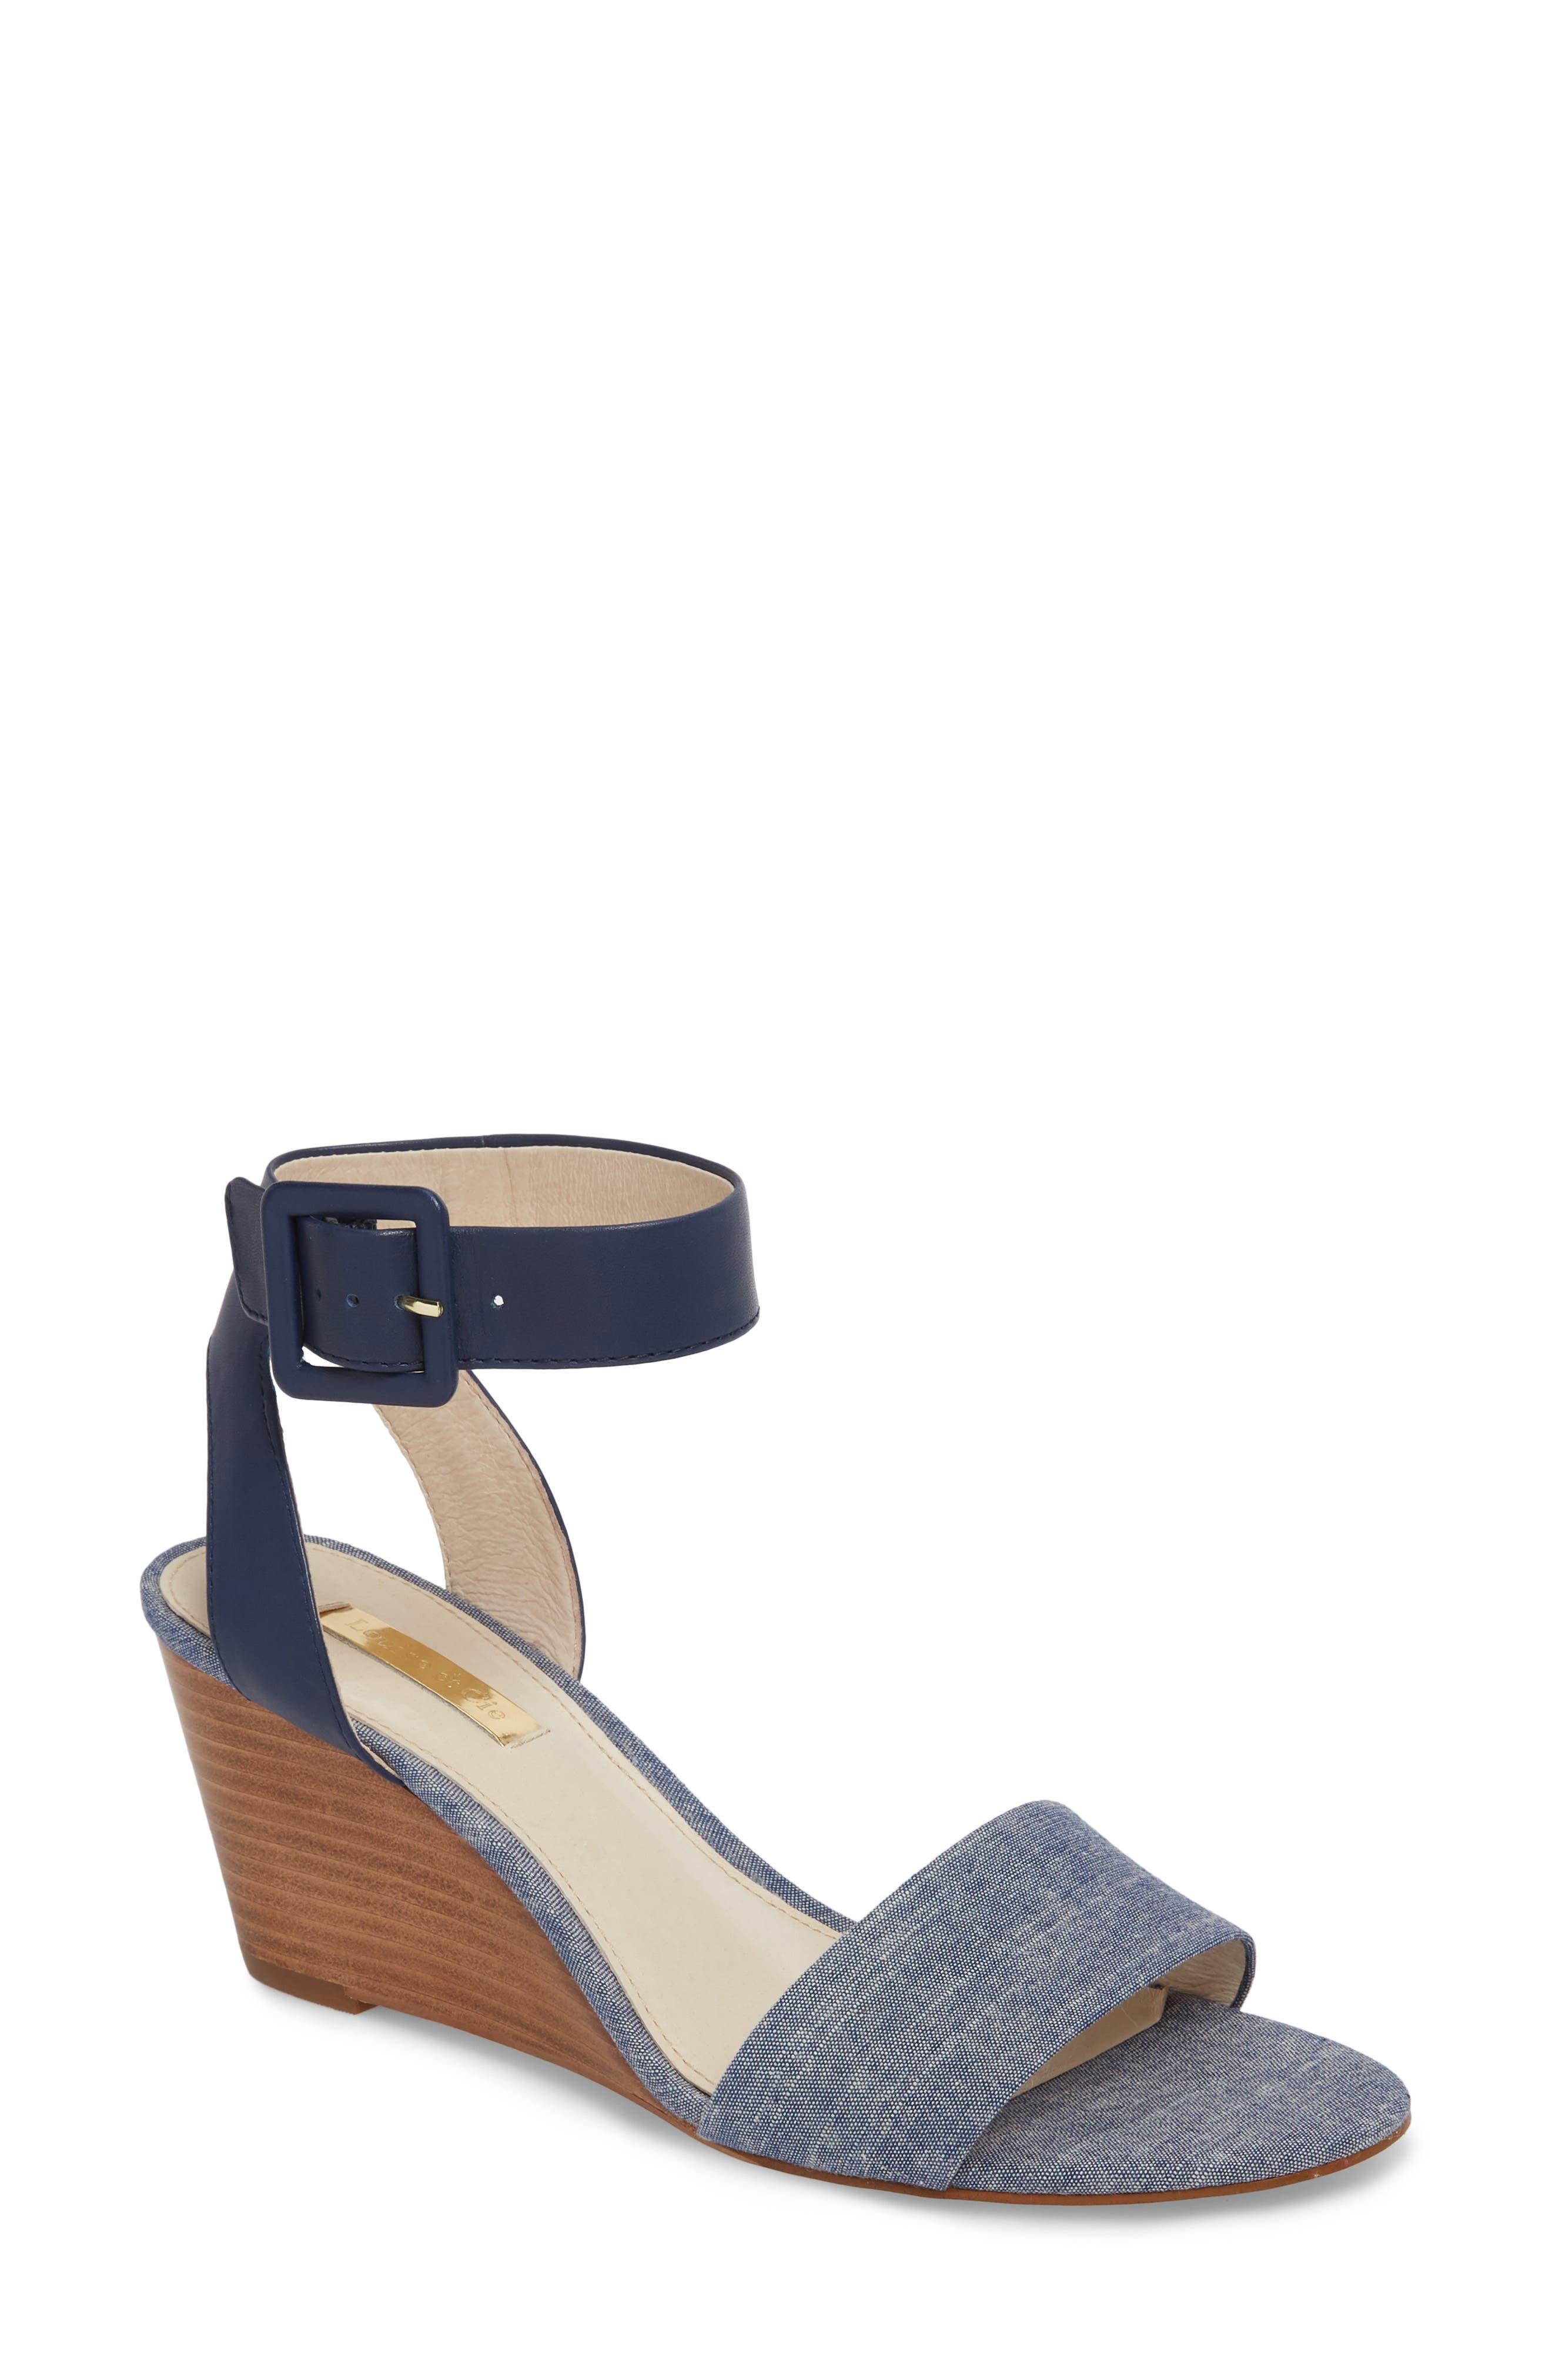 Punya Wedge Sandal,                         Main,                         color, Denim Fabric